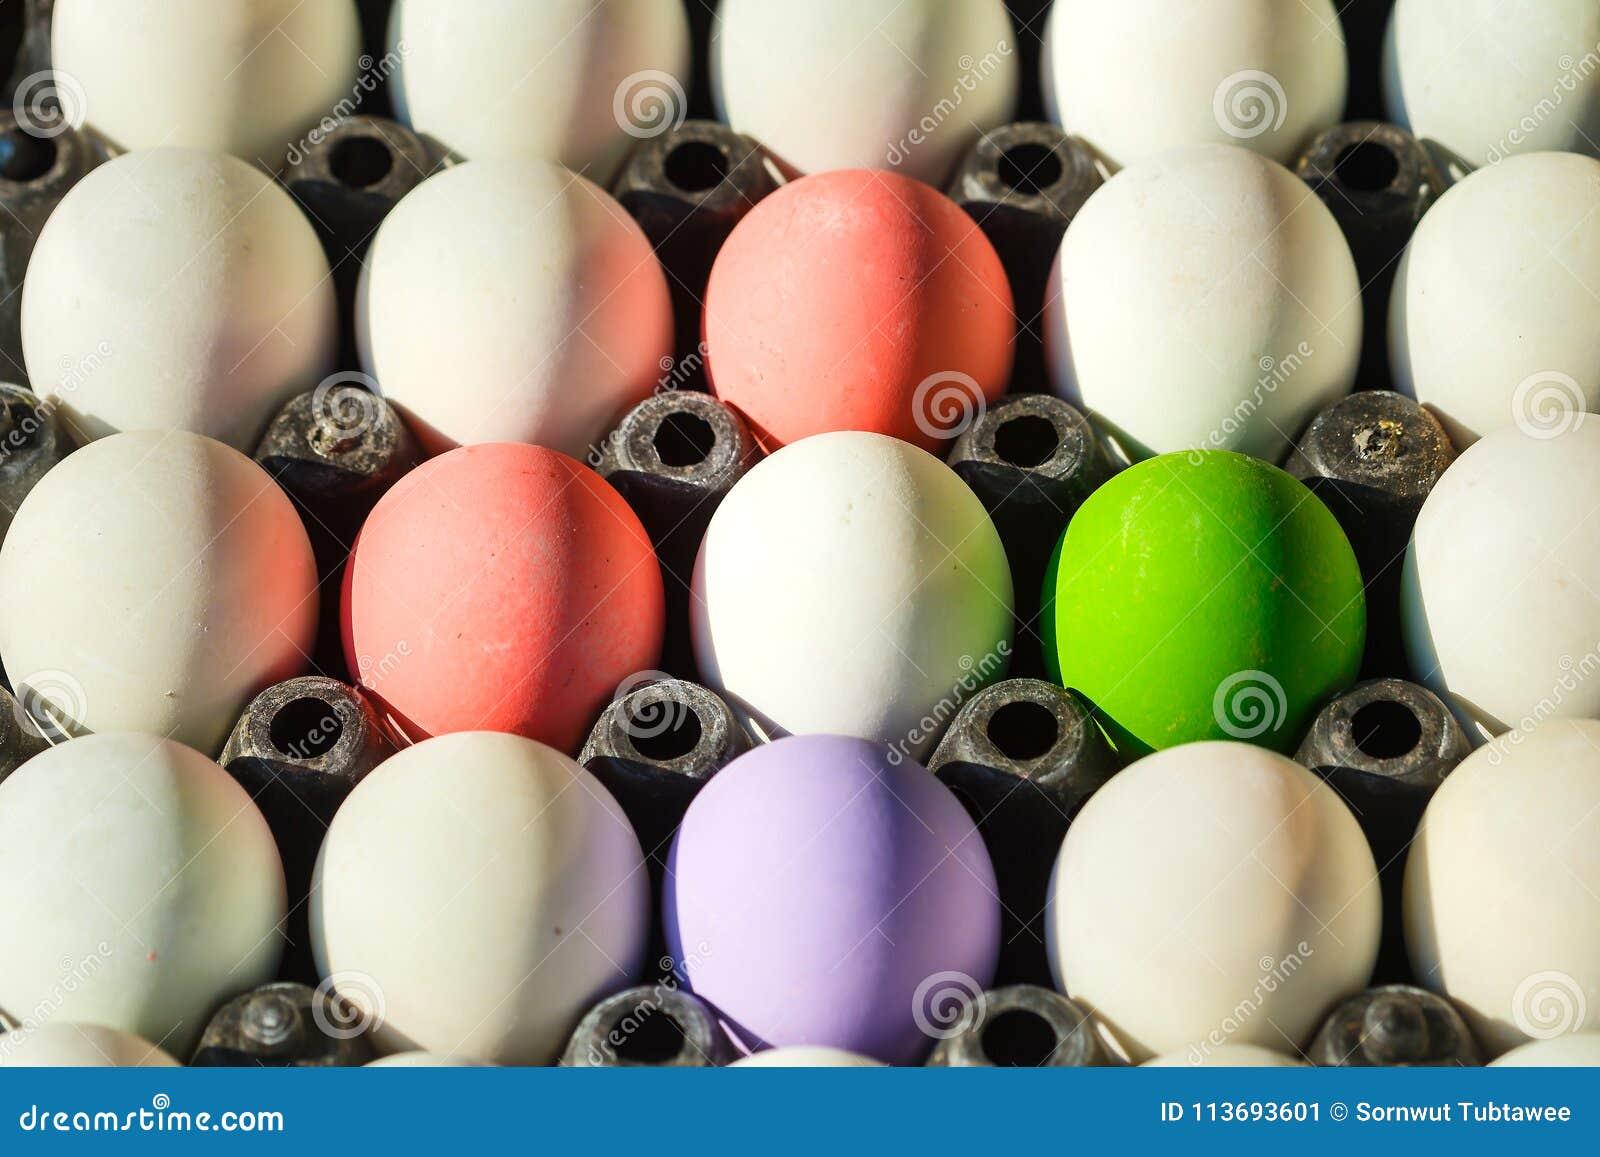 Salted egg/easter eggs/Century egg.